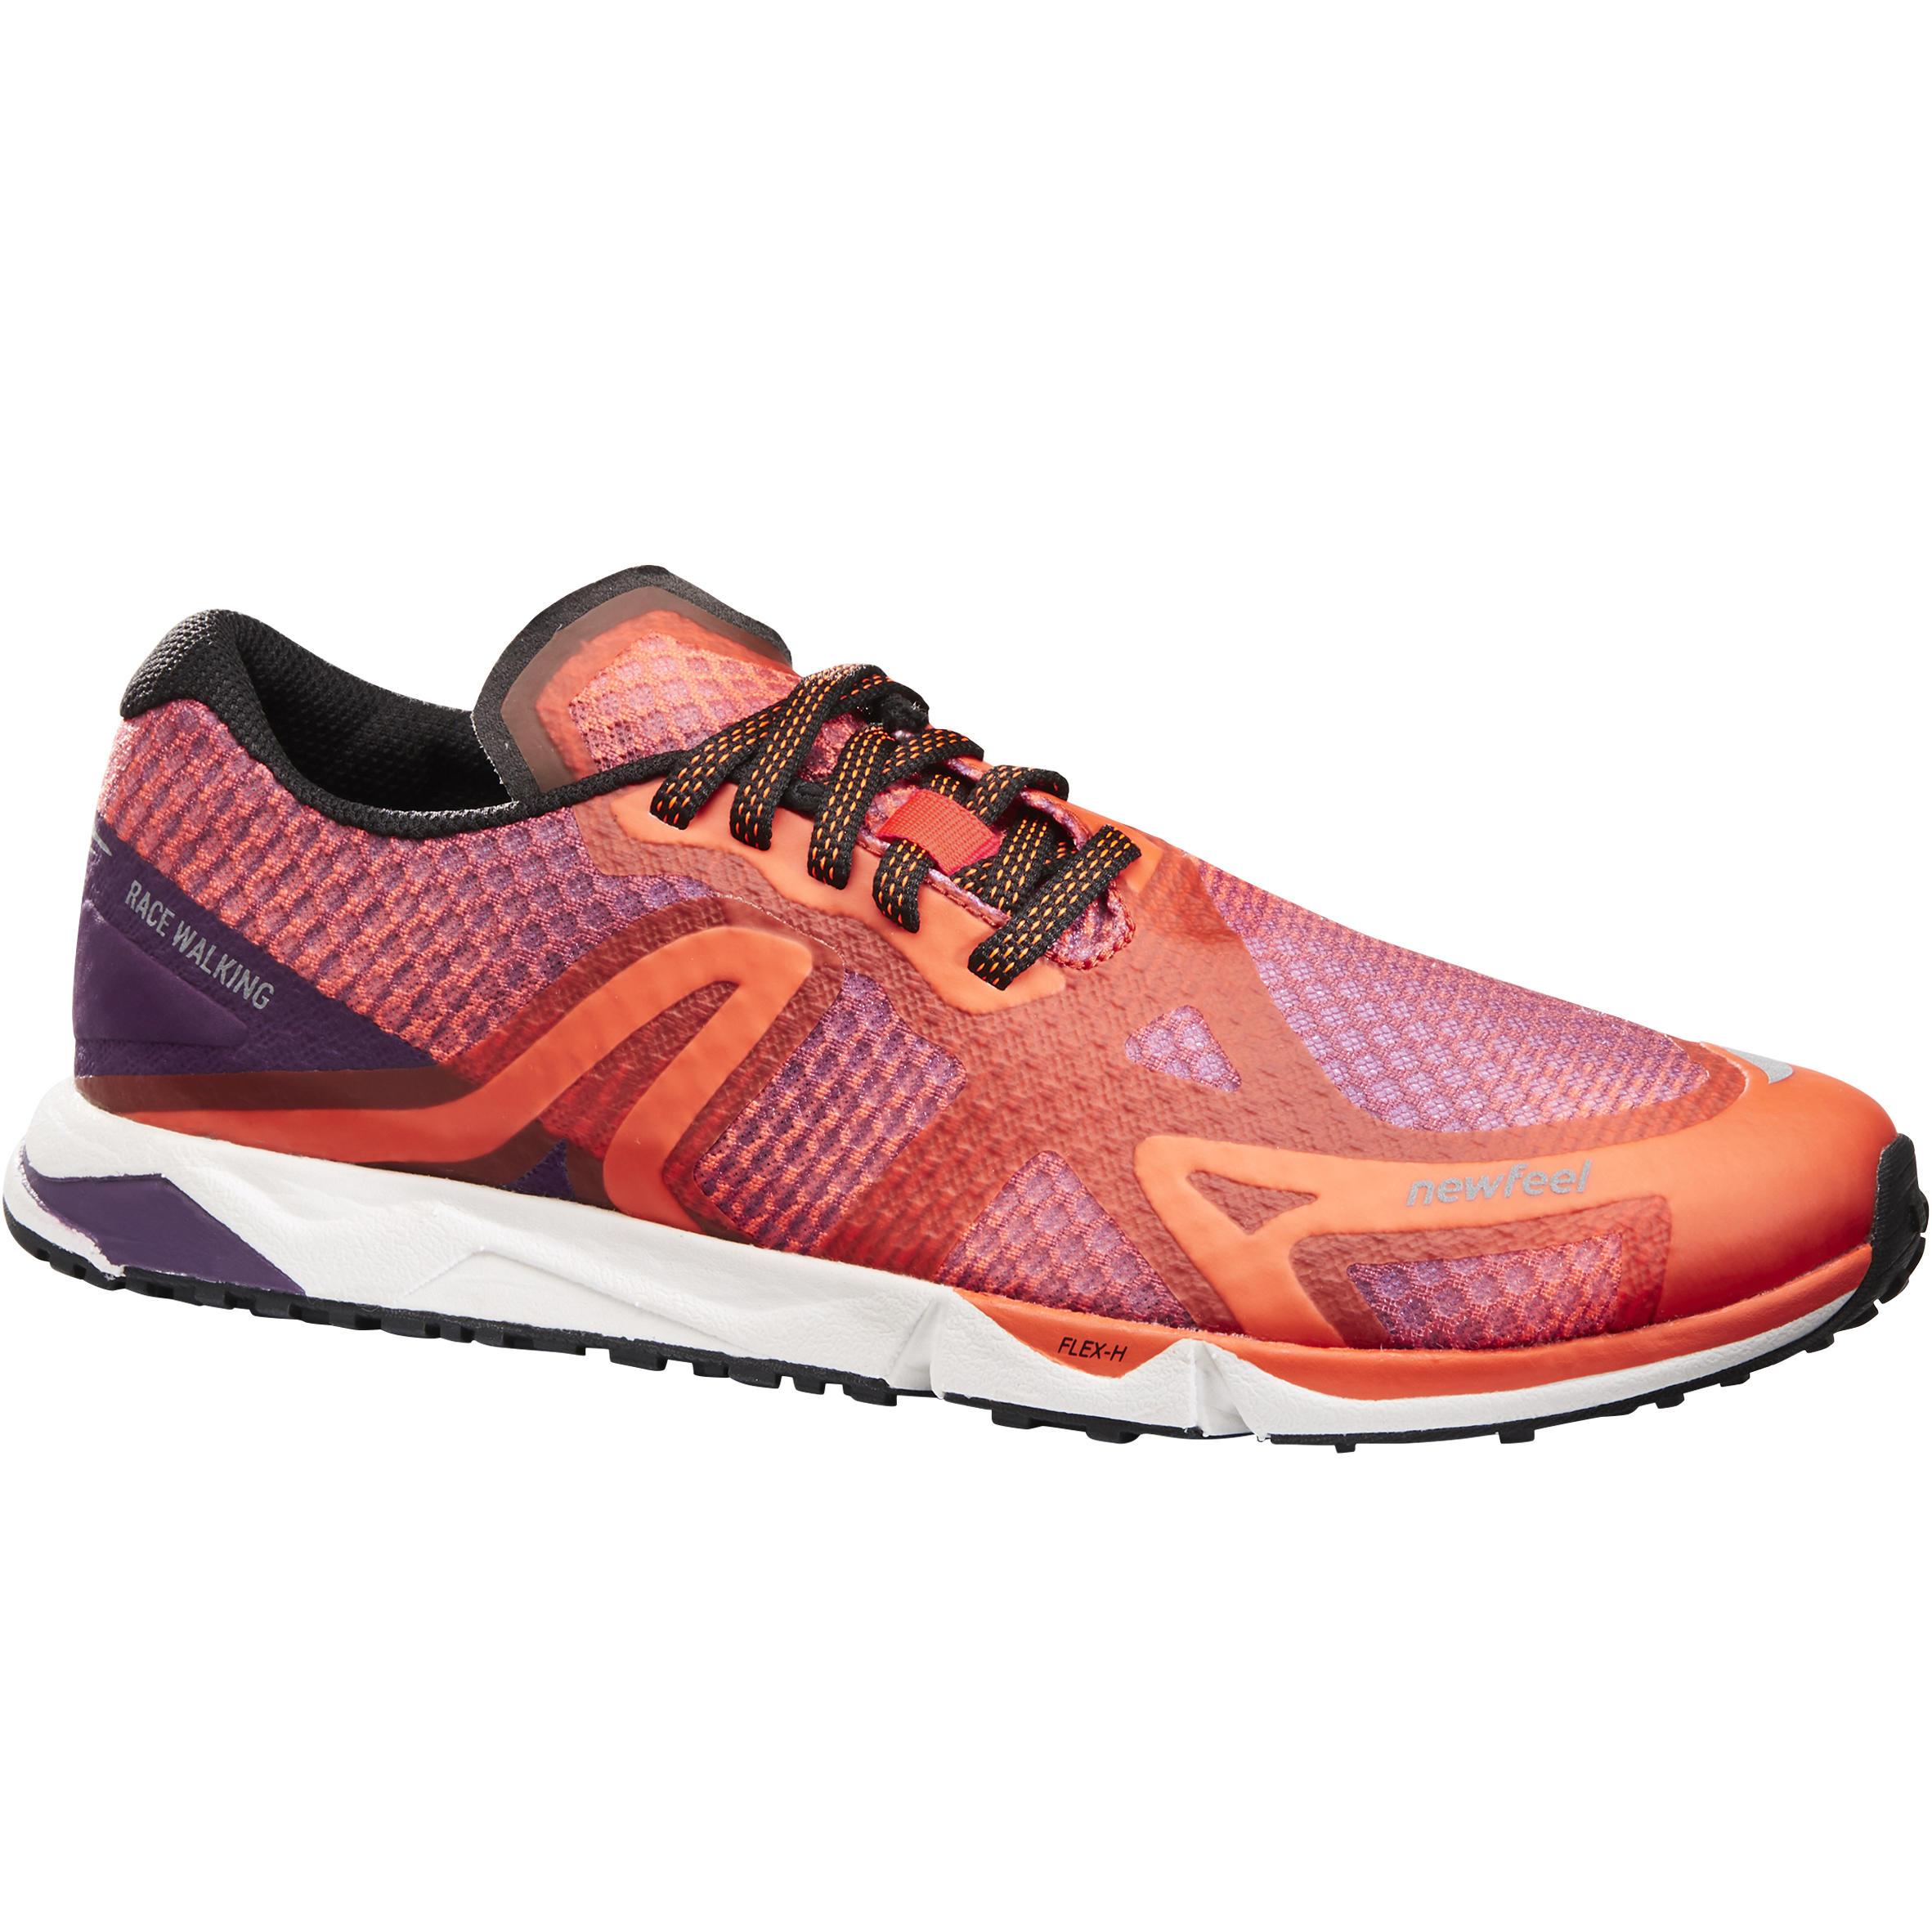 Walkingschuhe RW 900 athletisches Gehen violett/orange